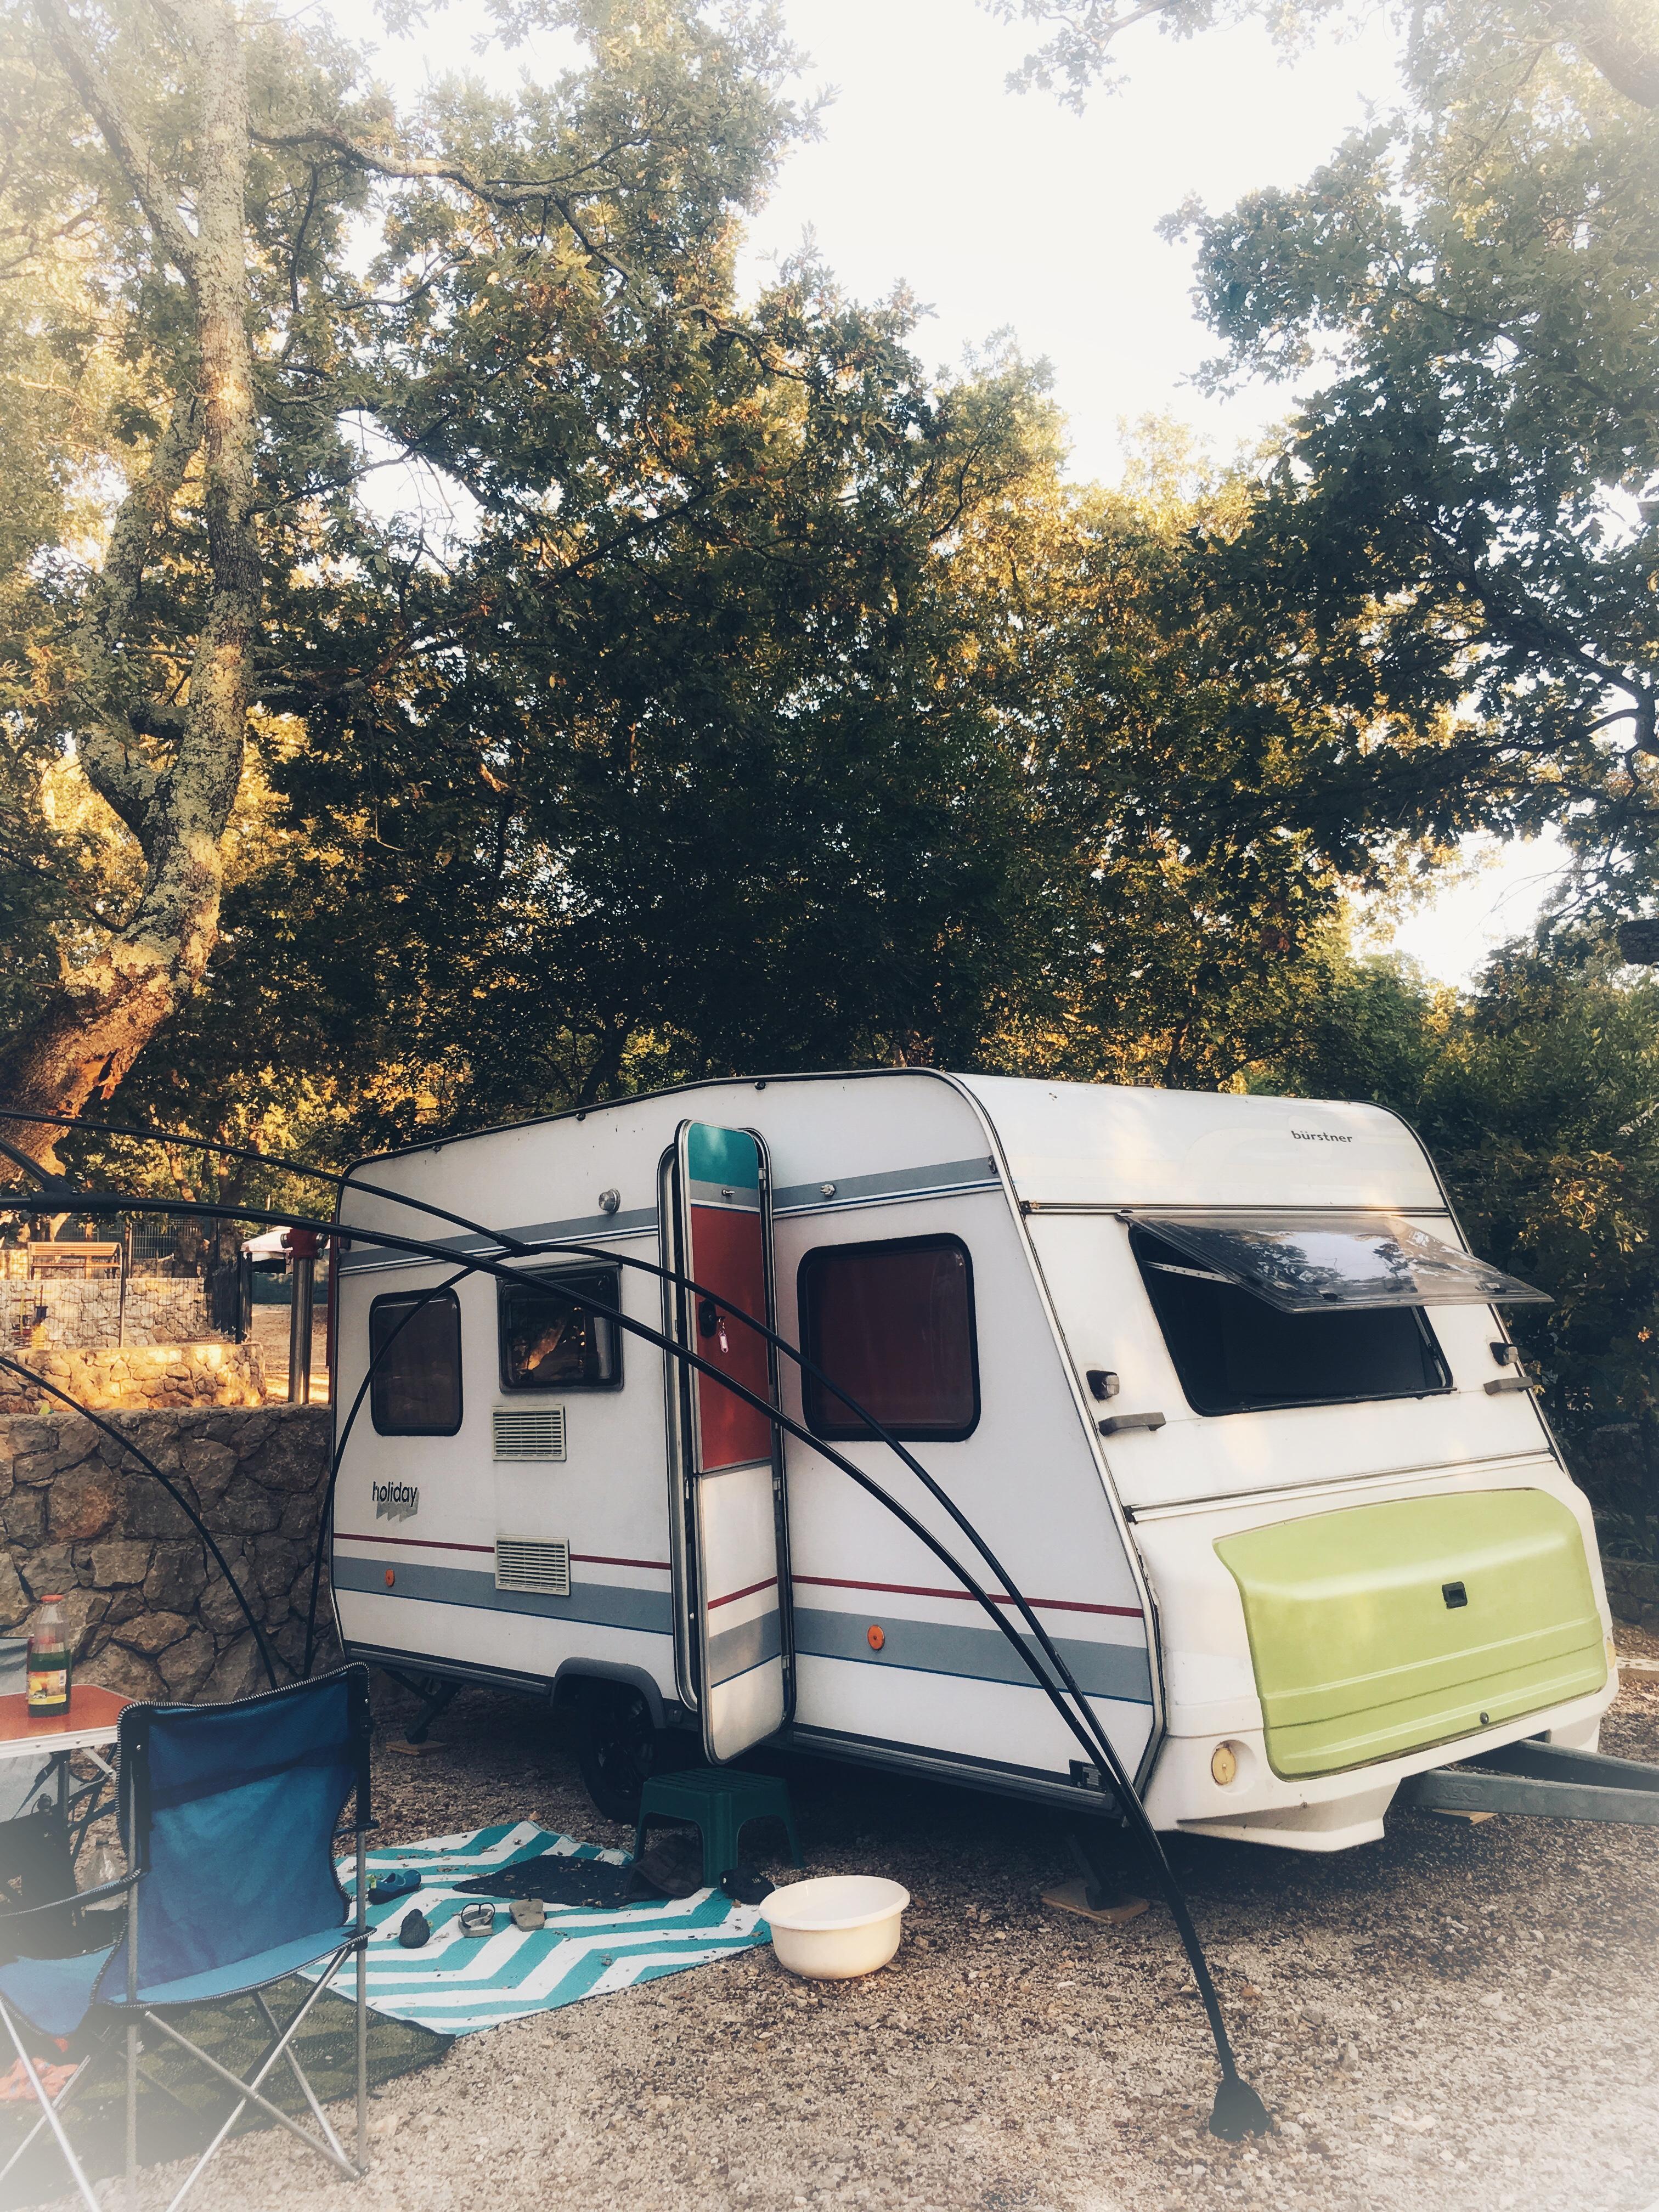 Wohnwagen auf dem Campingplatz Glavotok, Krk, Kroatien